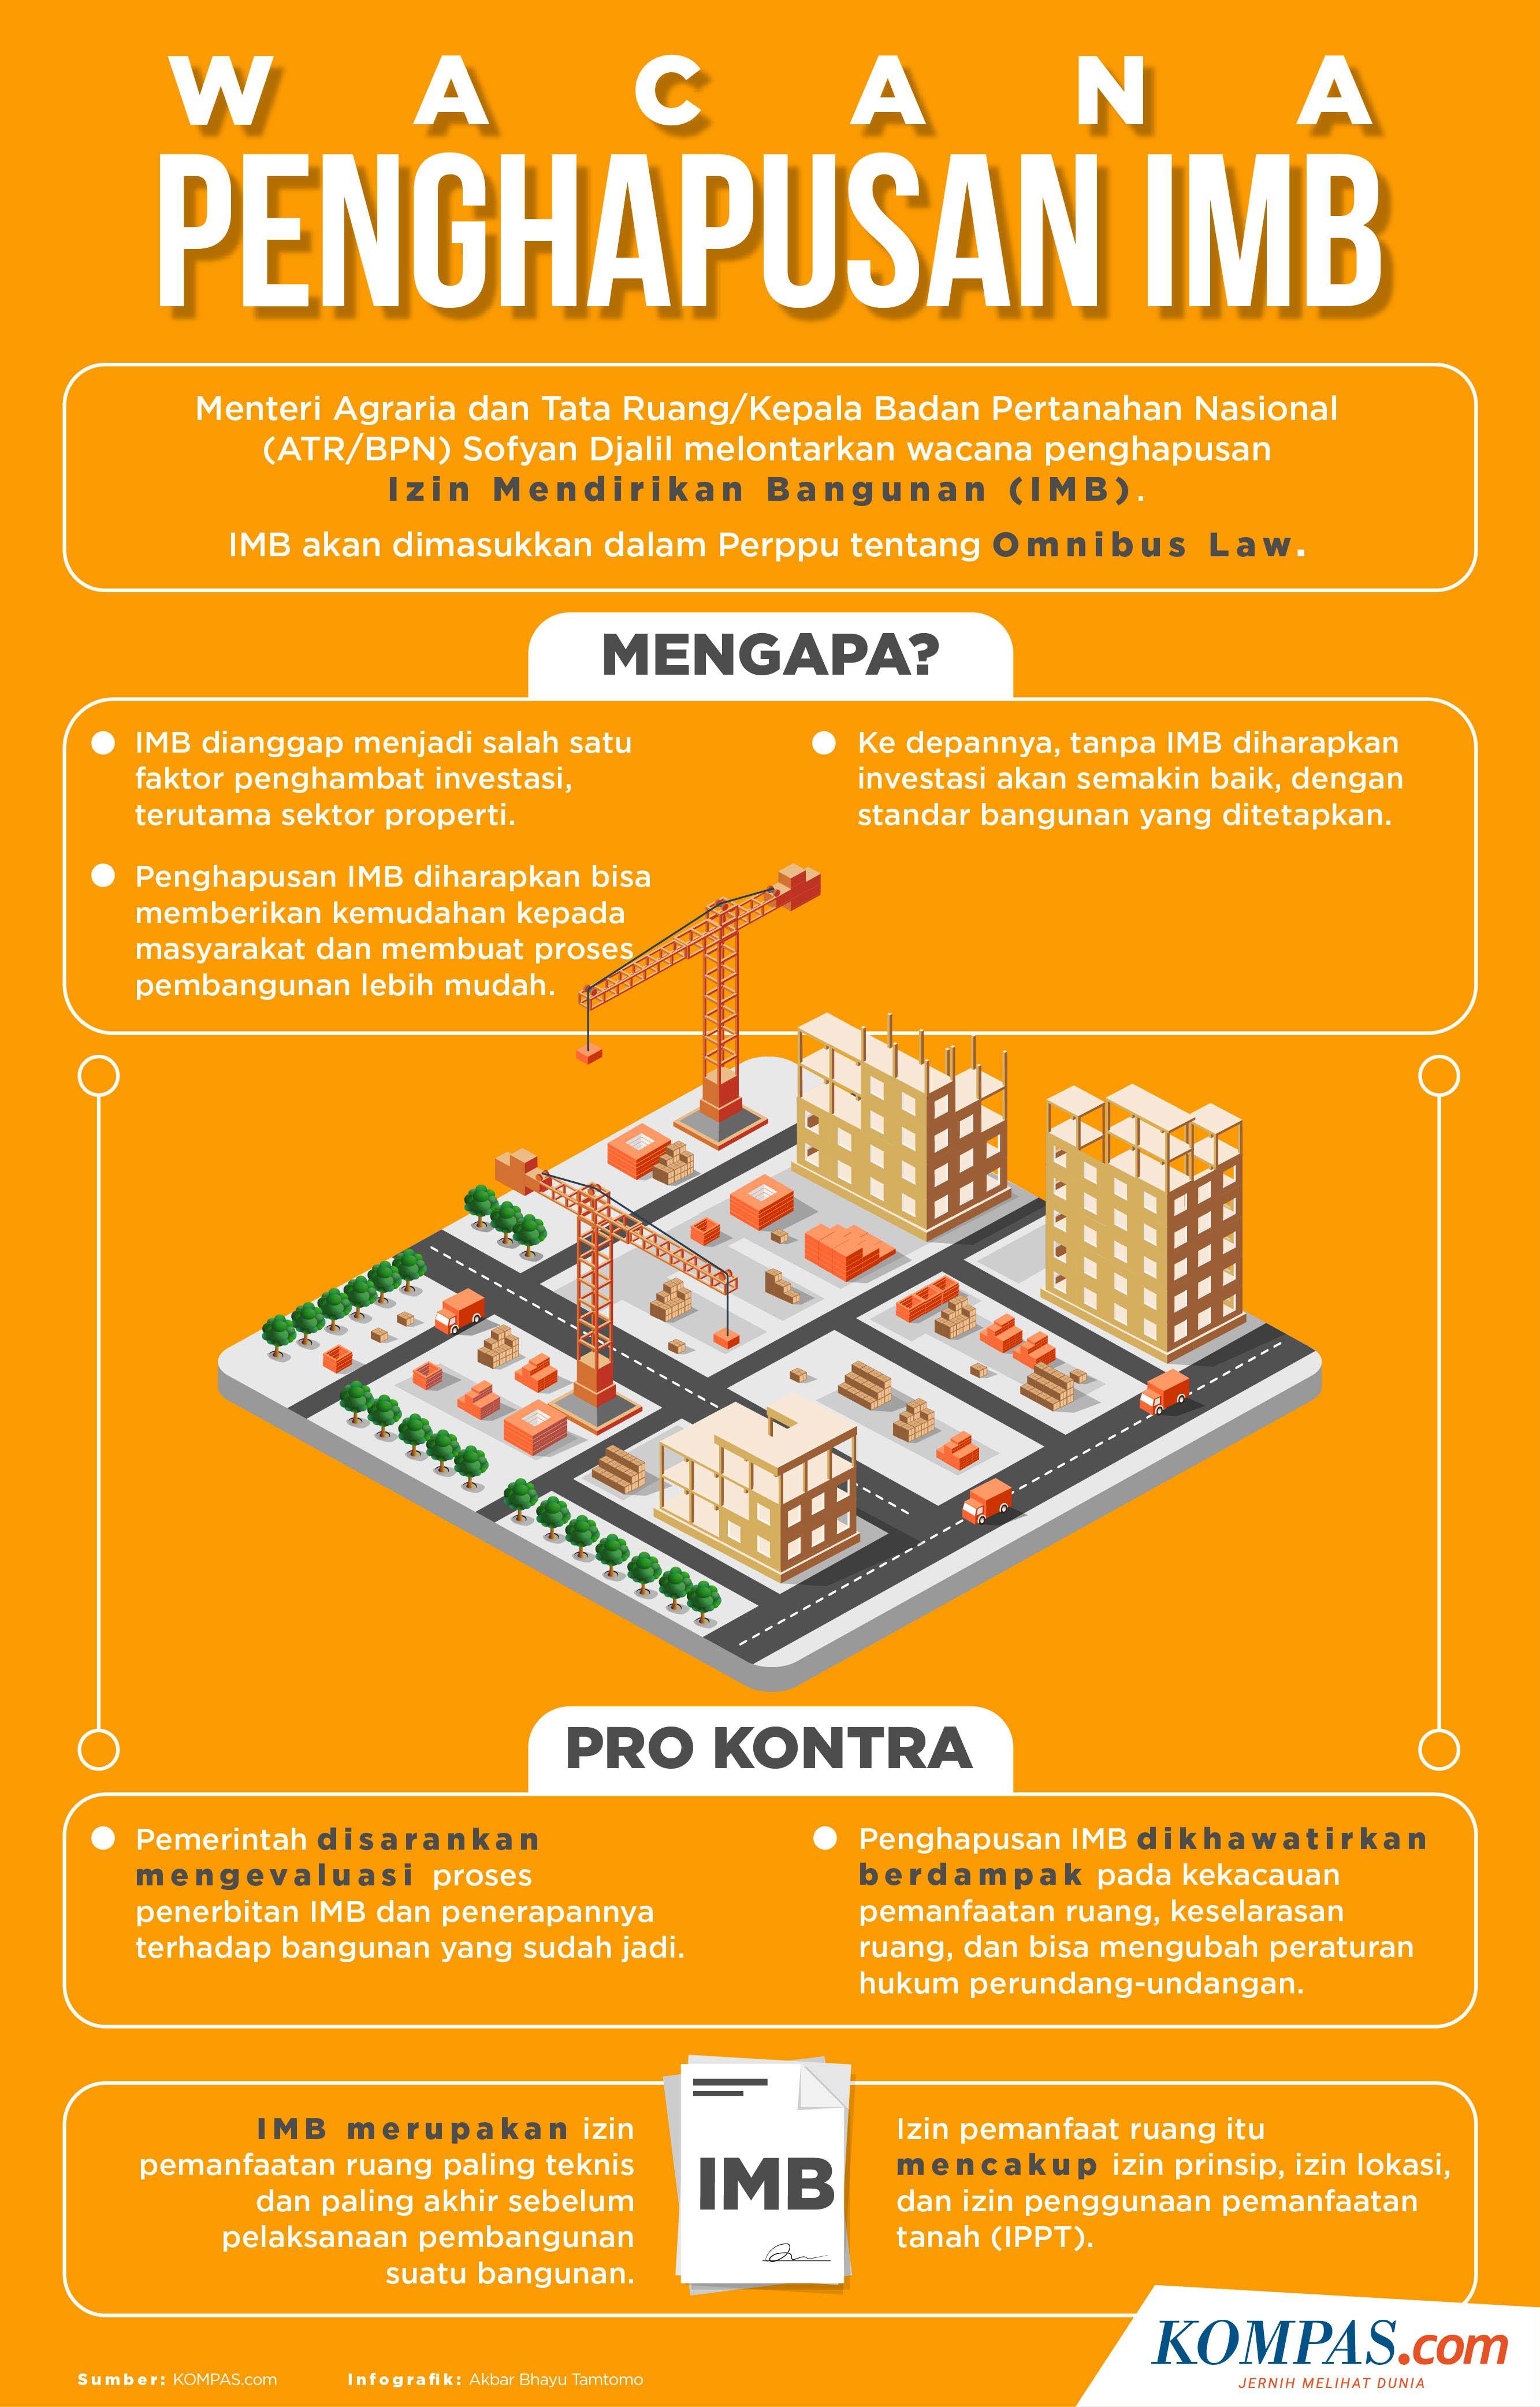 Apa Itu Omnibus Law Yang Disinggung Jokowi Dalam Pidatonya Halaman All Kompas Com